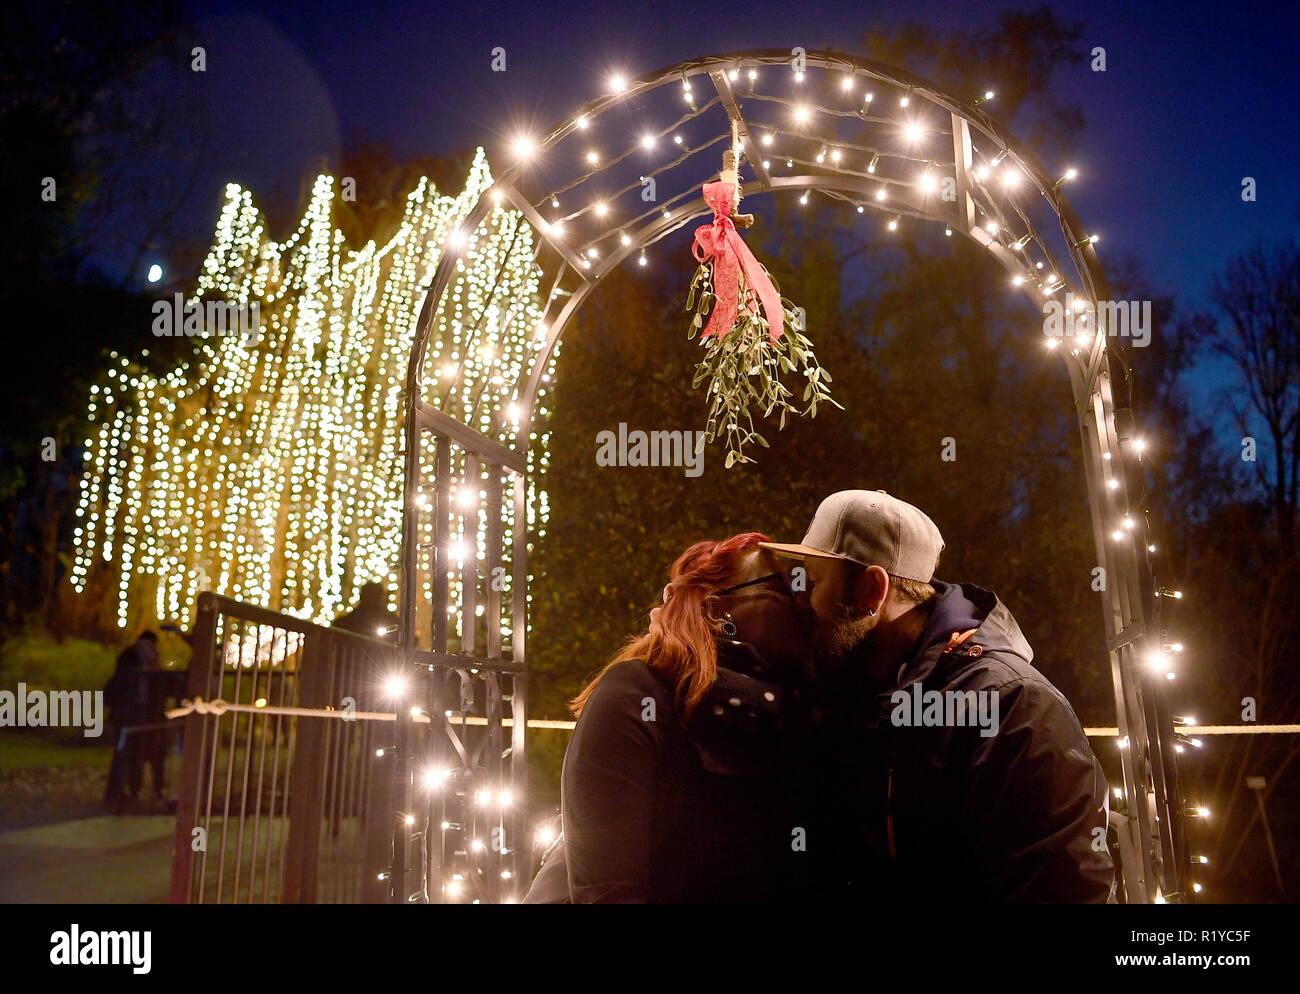 Weihnachten 2019 Berlin.15 November 2018 Berlin Timea Und Sebastian Kiss Unter Einer